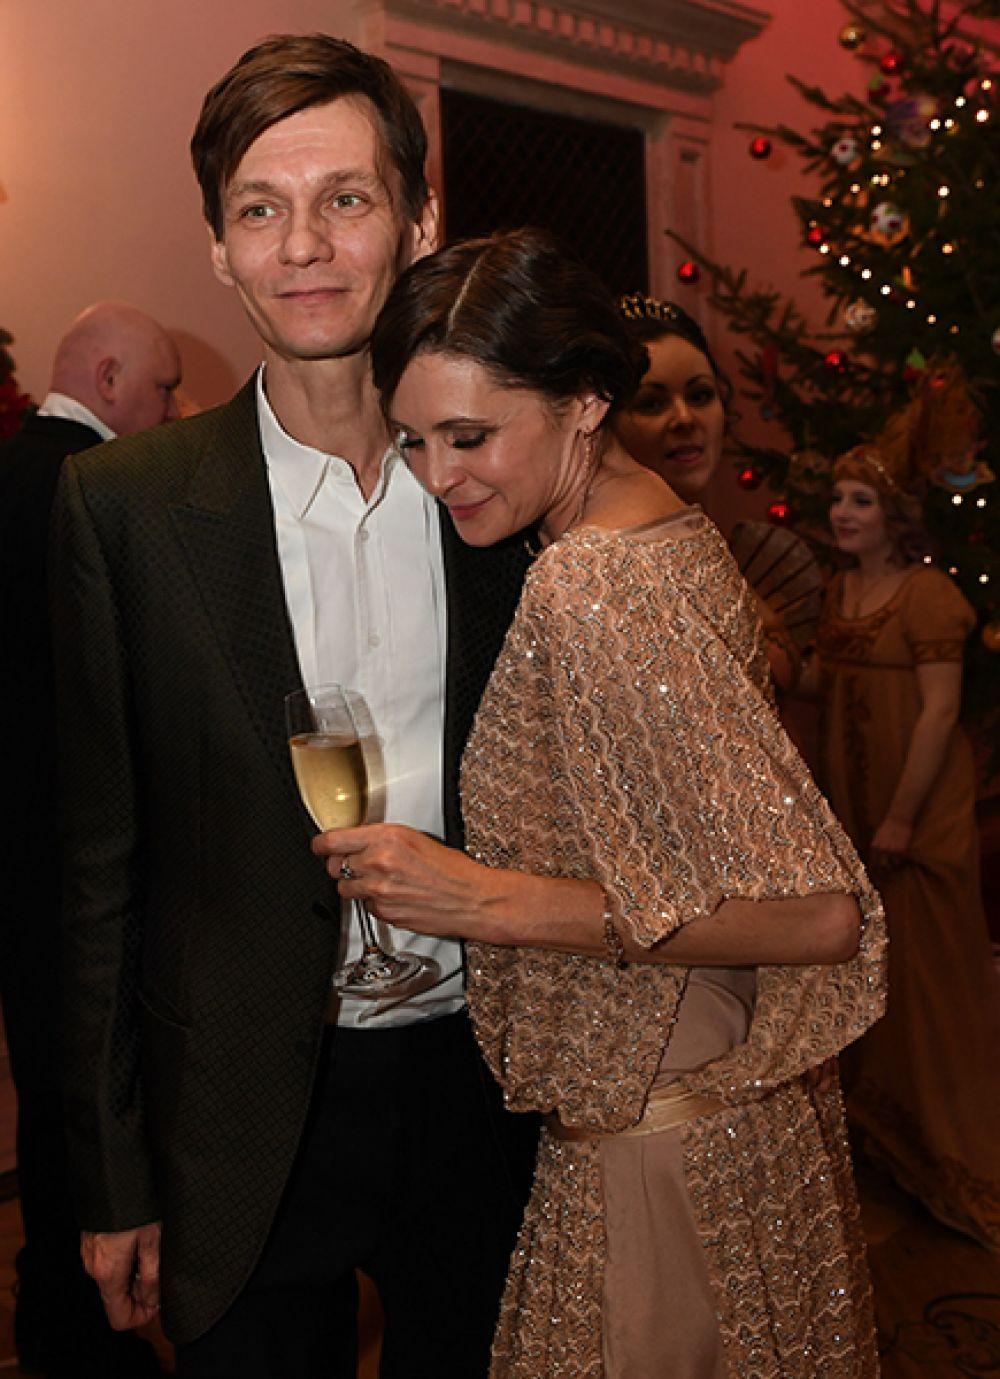 Актеры Оксана Фандера и Филипп Янковский поженились в 1990 году. У пары двое детей: Иван и Елизавета.